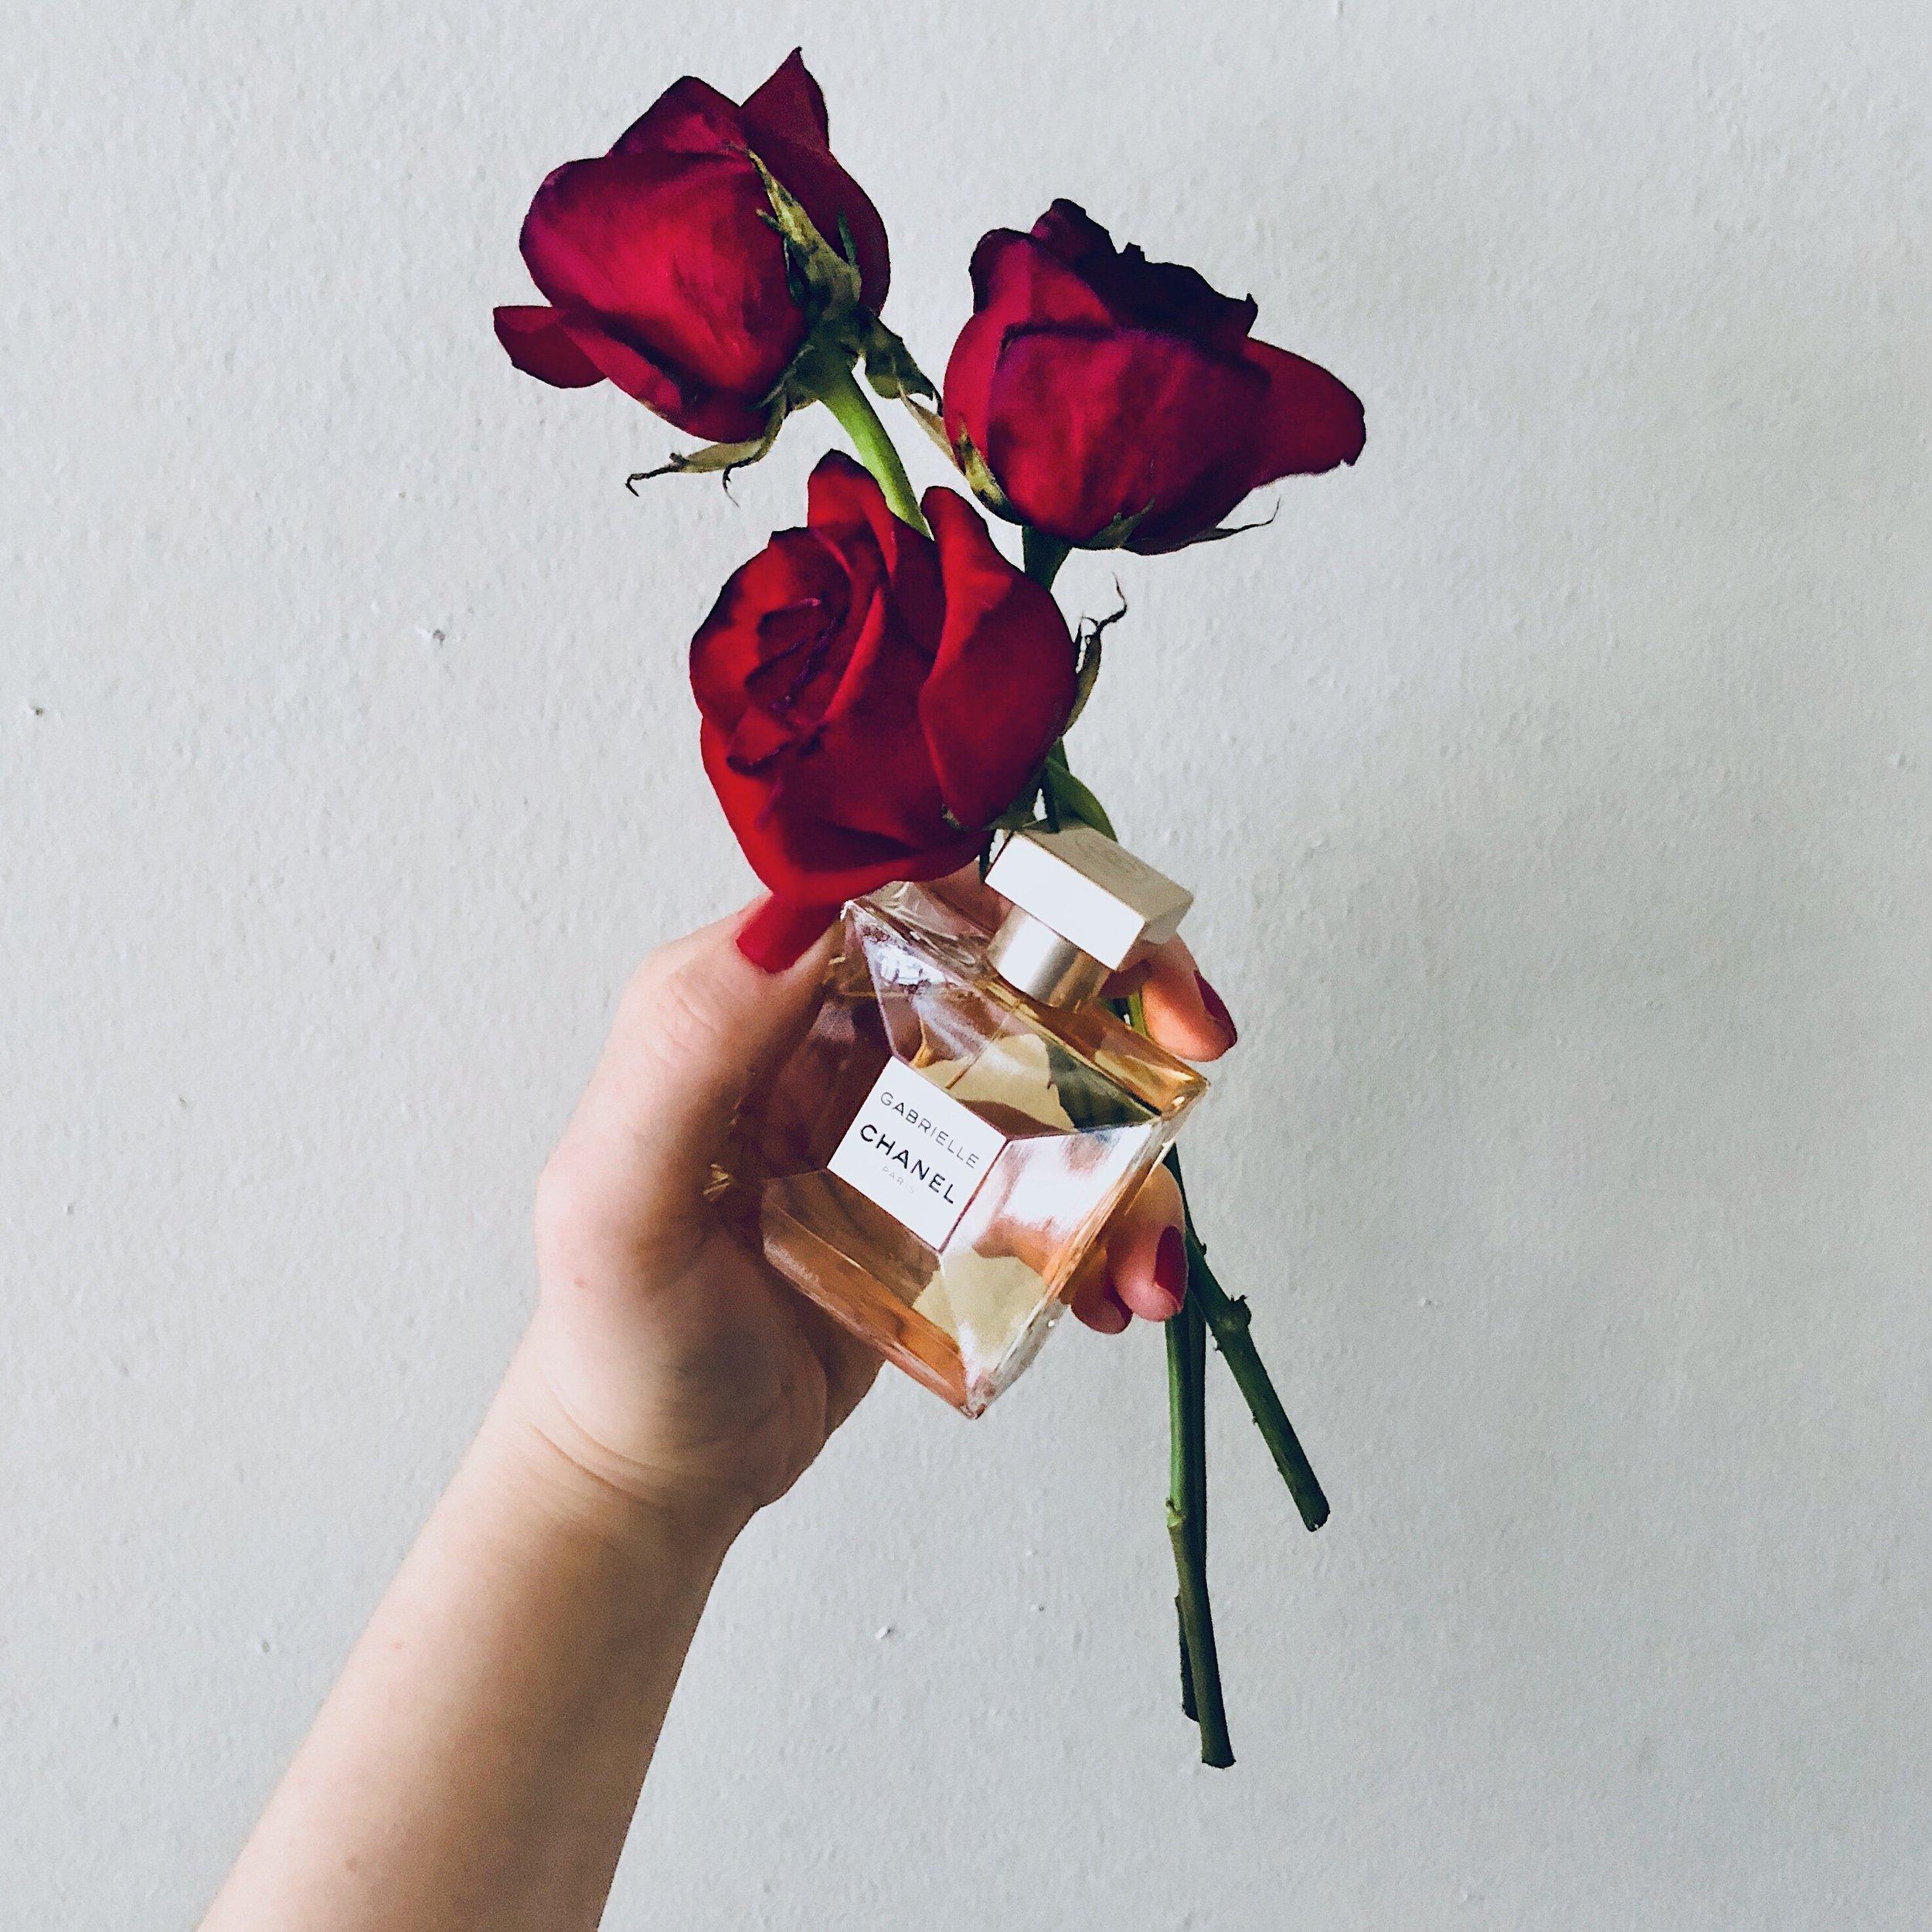 This Gabrielle Eau De Parfum is HEAVEN. Click here to check it out!